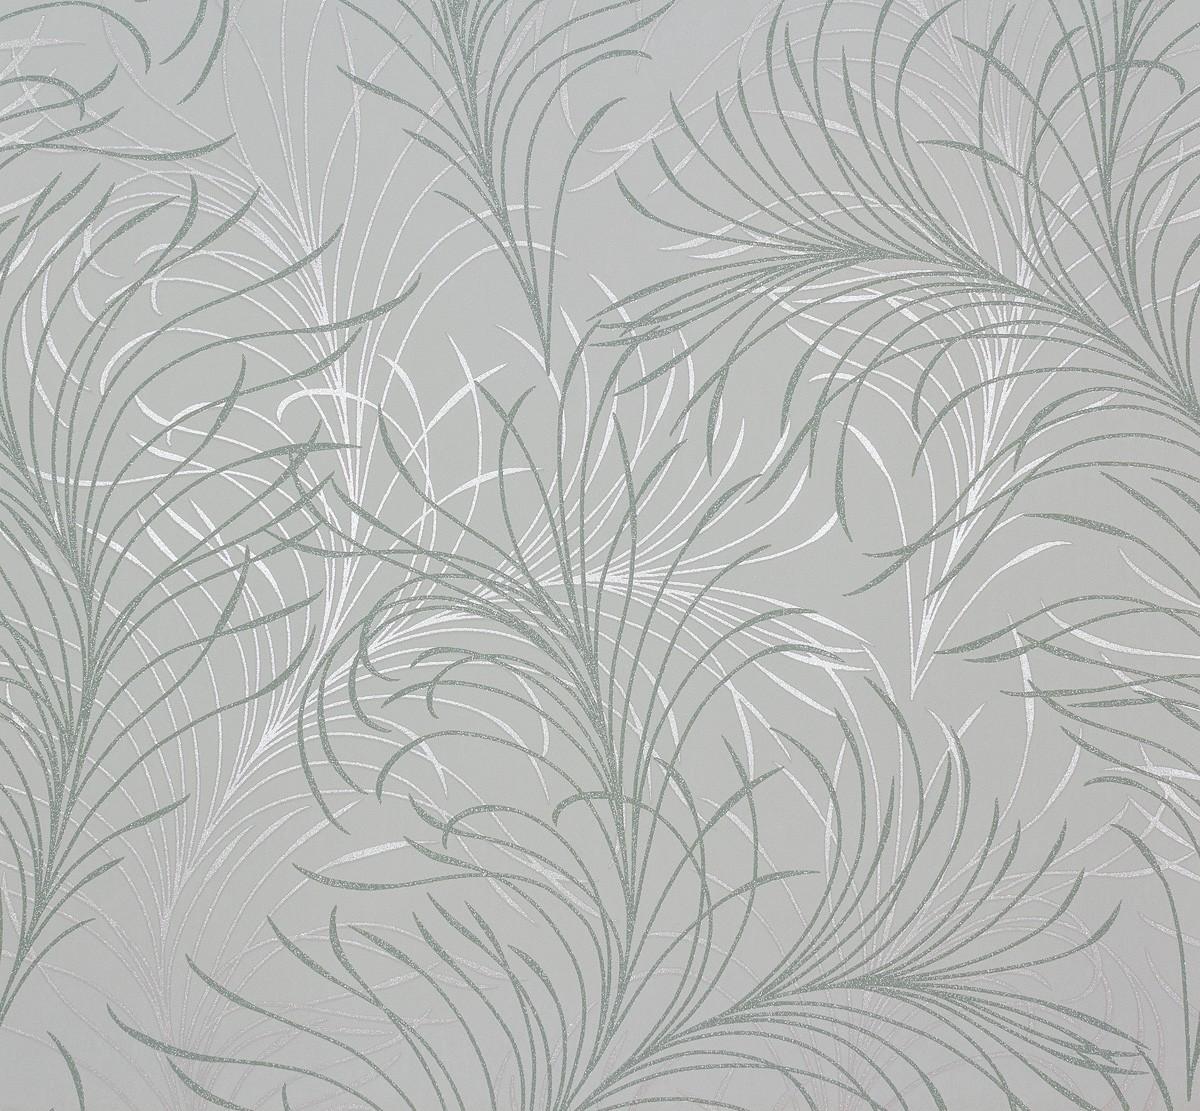 Full Size of Tapeten Modern Vliestapete Design Grn Silber Tapete Marburg Estelle 55715 Küche Holz Moderne Deckenleuchte Wohnzimmer Bett Für Modernes Sofa Weiss Die Bilder Wohnzimmer Tapeten Modern